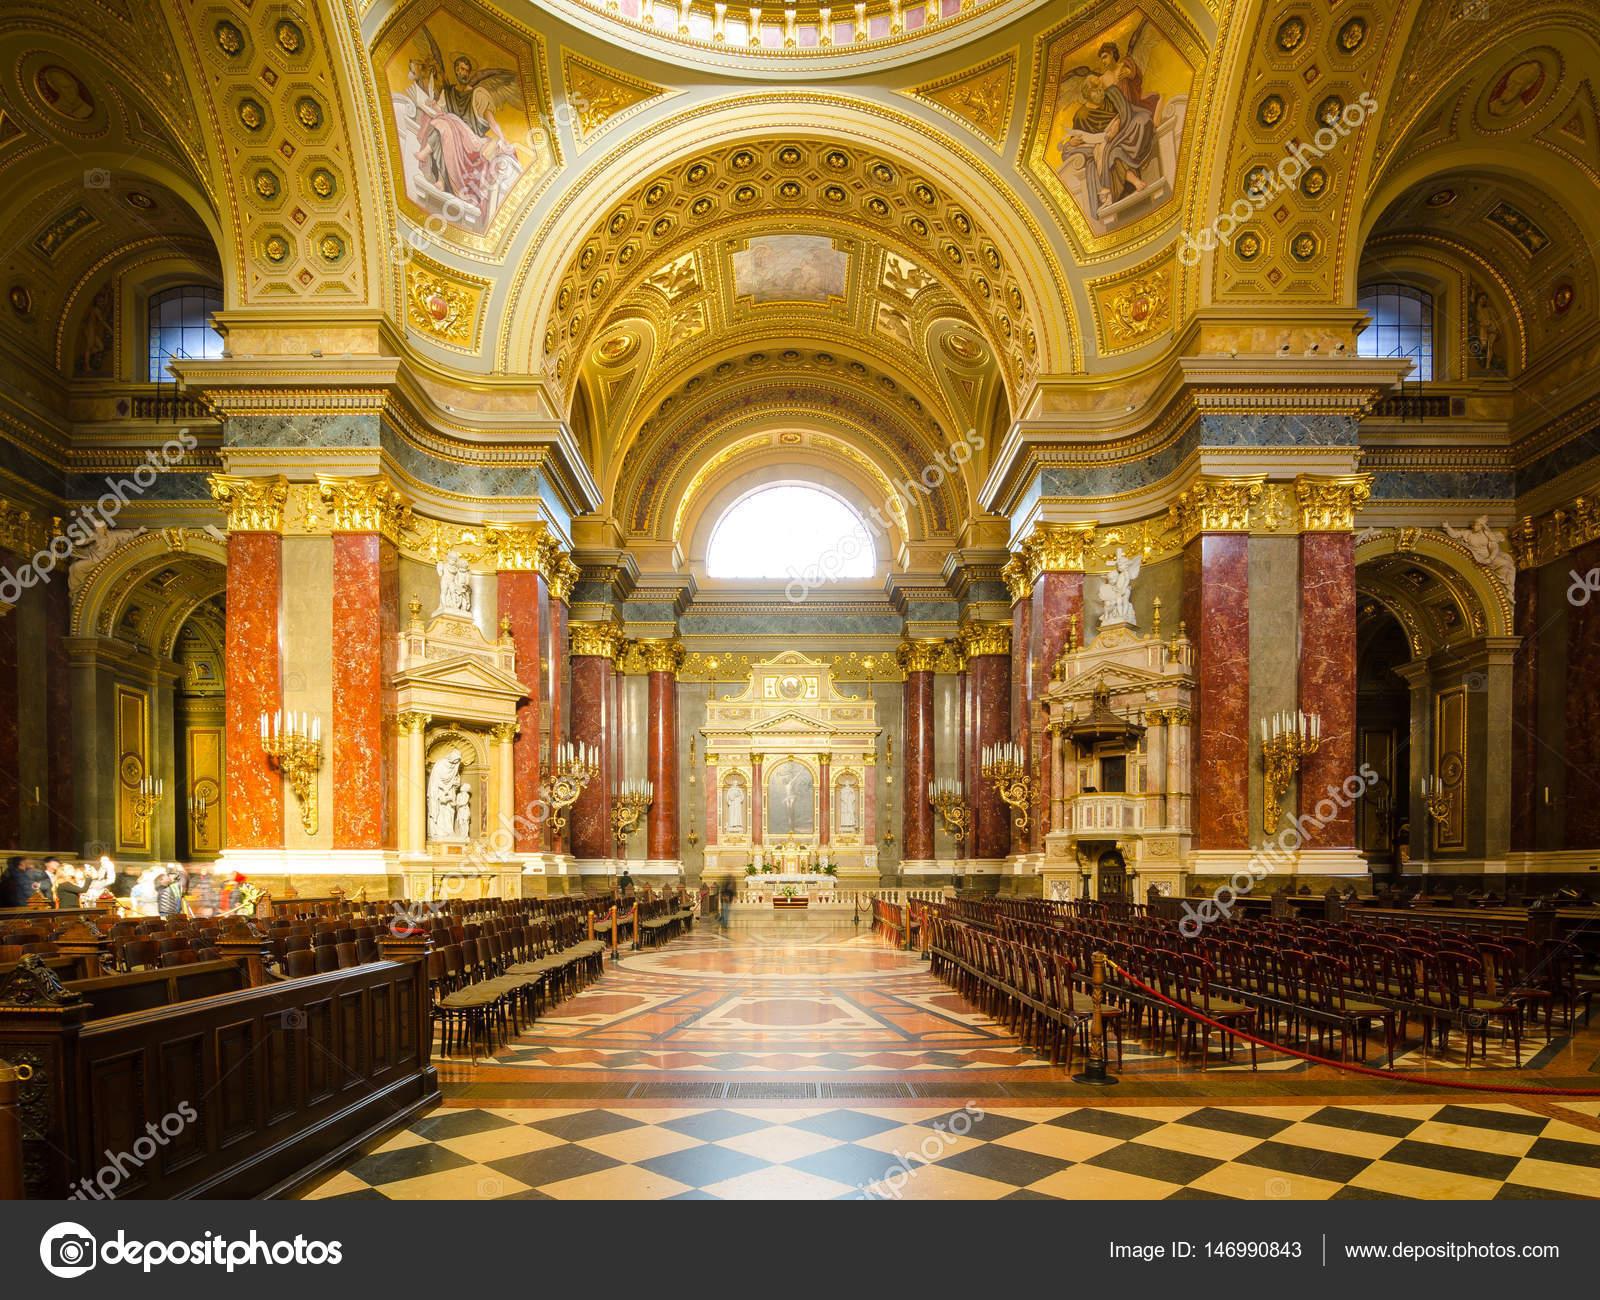 Architecte dintrieur saint etienne photo de la nef - Architecte interieur metz ...